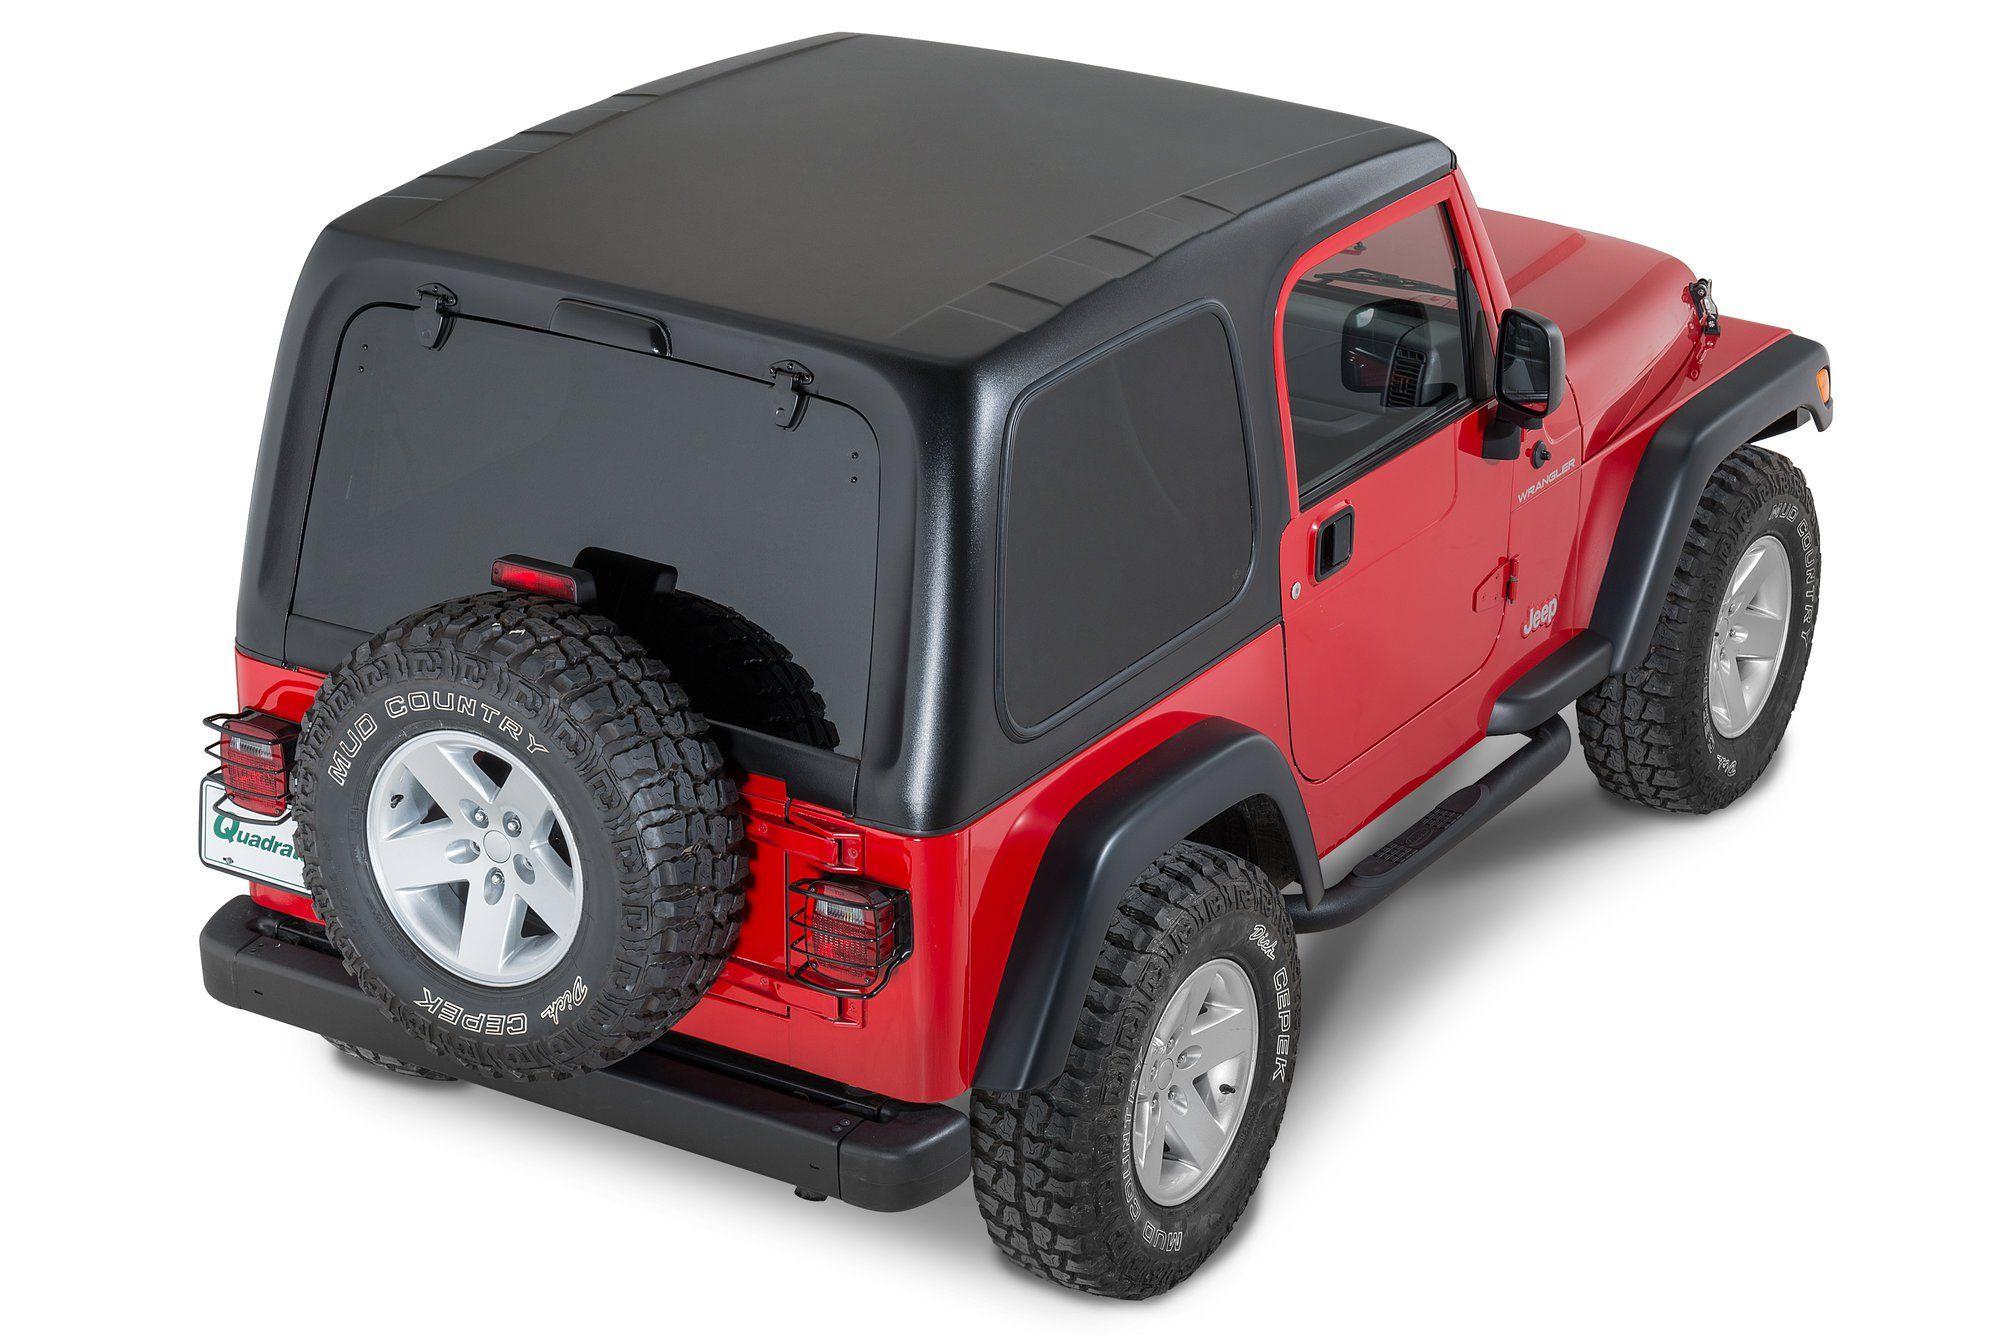 Smittybilt 619701 1 Piece Hardtop Without Upper Doors For 97 06 Jeep Wrangler Tj Jeep Wrangler Tj Wrangler Tj Smittybilt